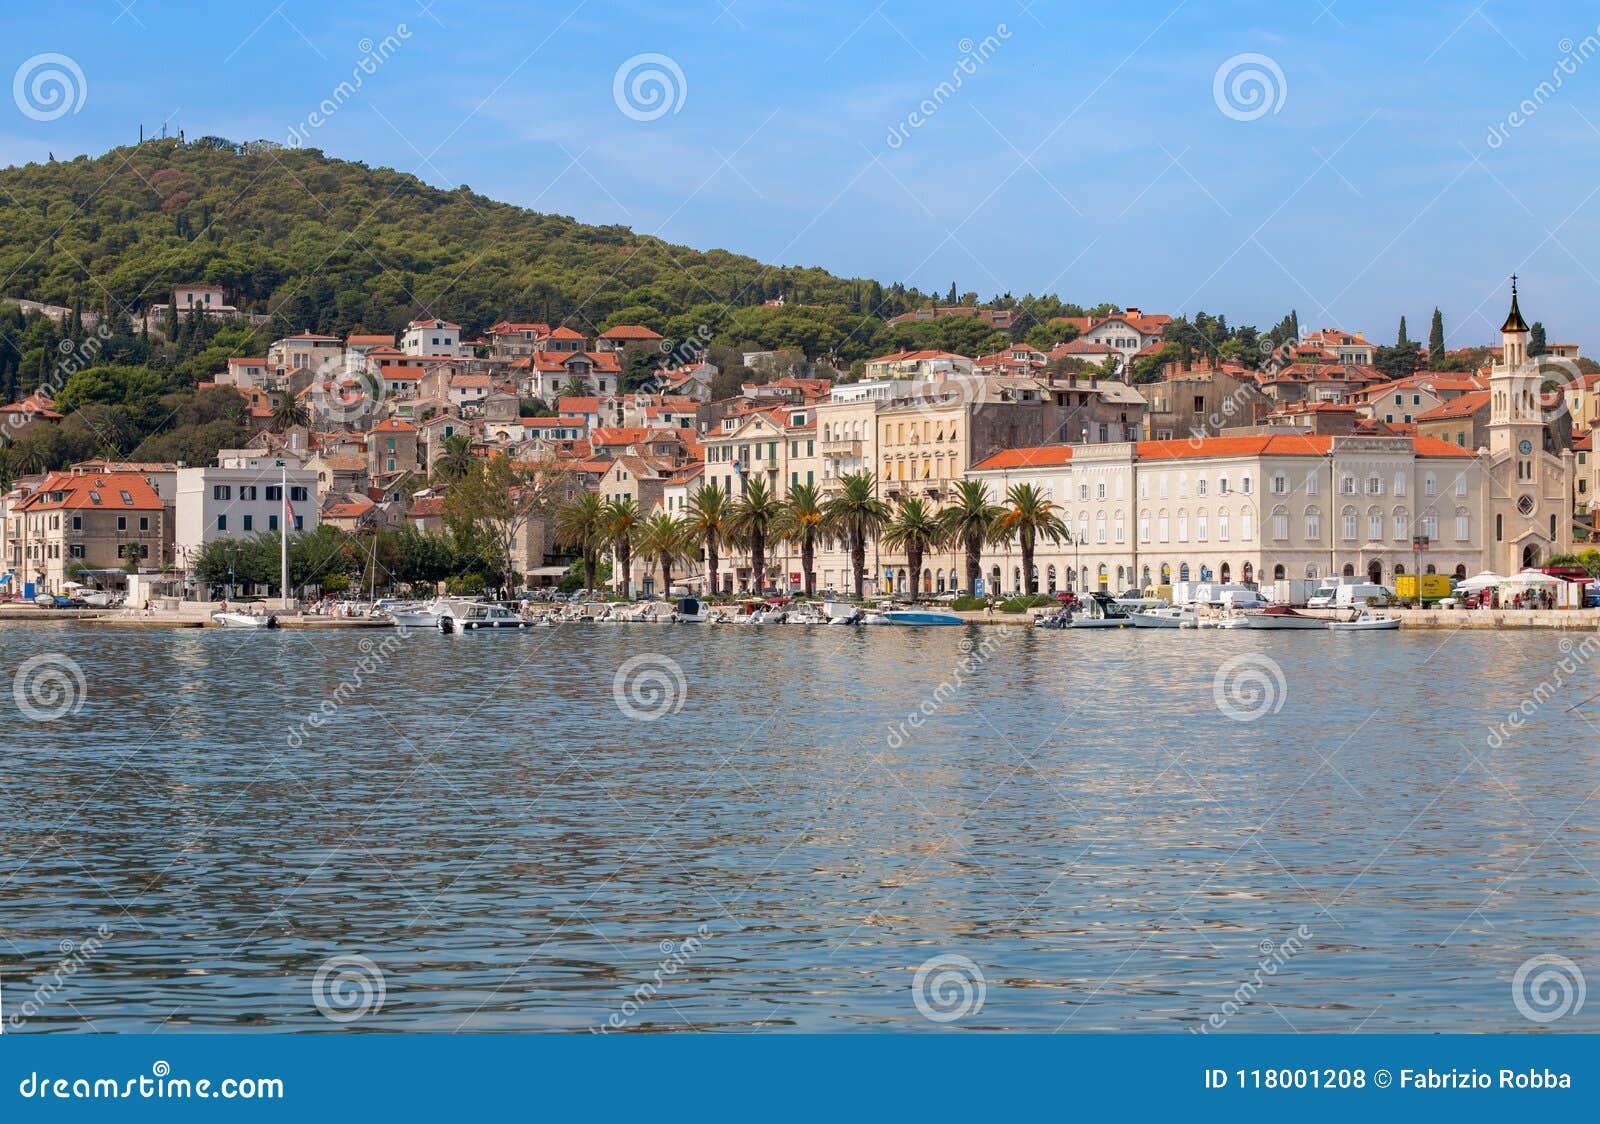 Ansicht der Seeseite der Spalte, adriatisches Meer, in Dalmatien, Kroatien